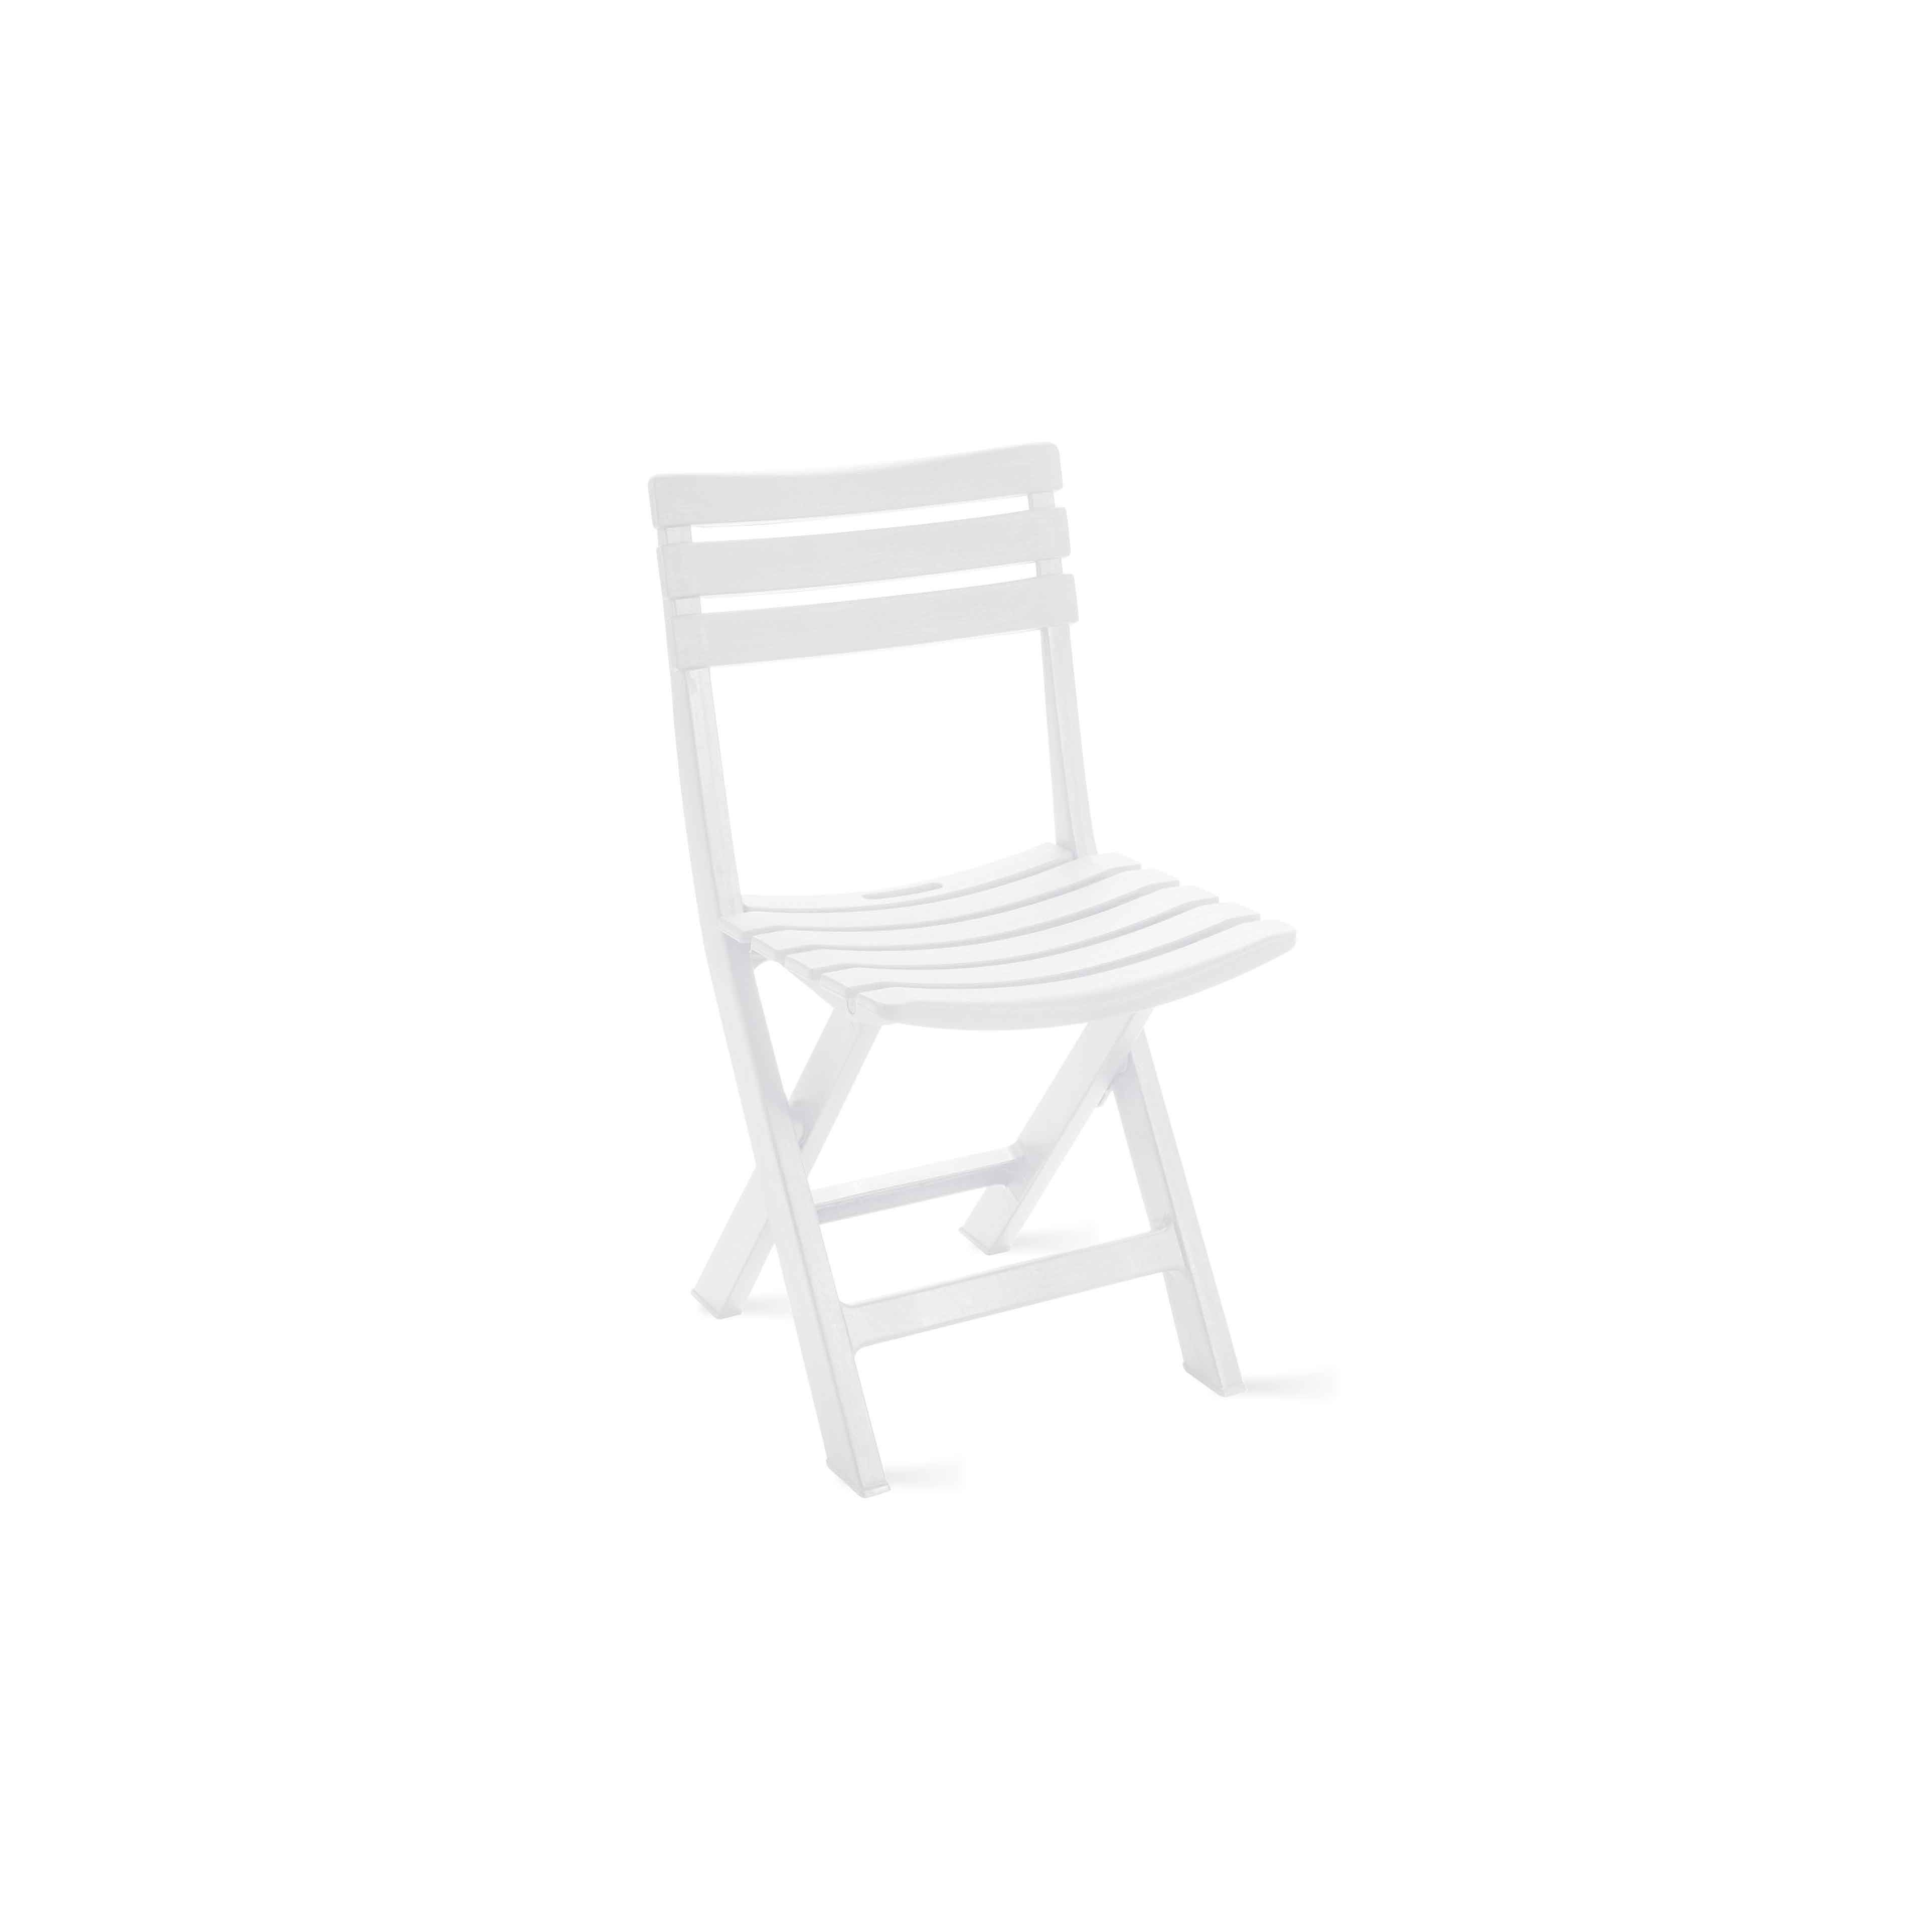 Chaise de jardin pliante en plastique